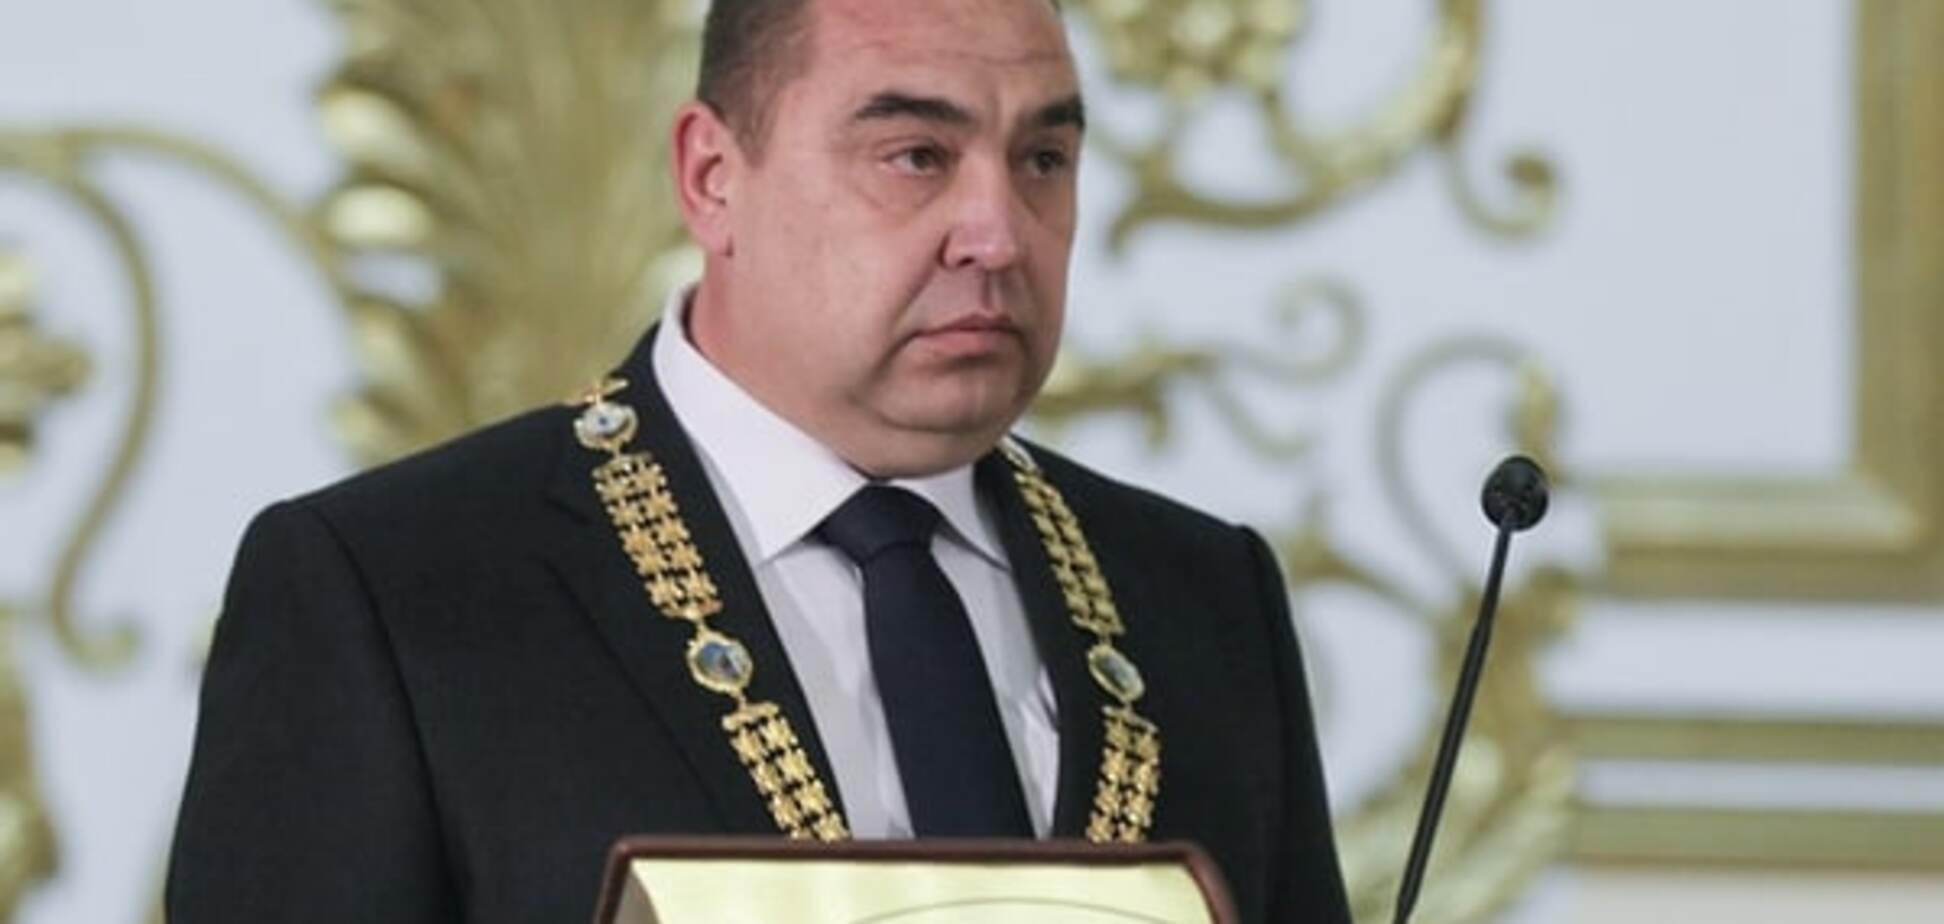 Бережуть, як першу особу РФ: Снєгирьов розповів, хто забезпечує особисту охорону ватажка 'ЛНР'